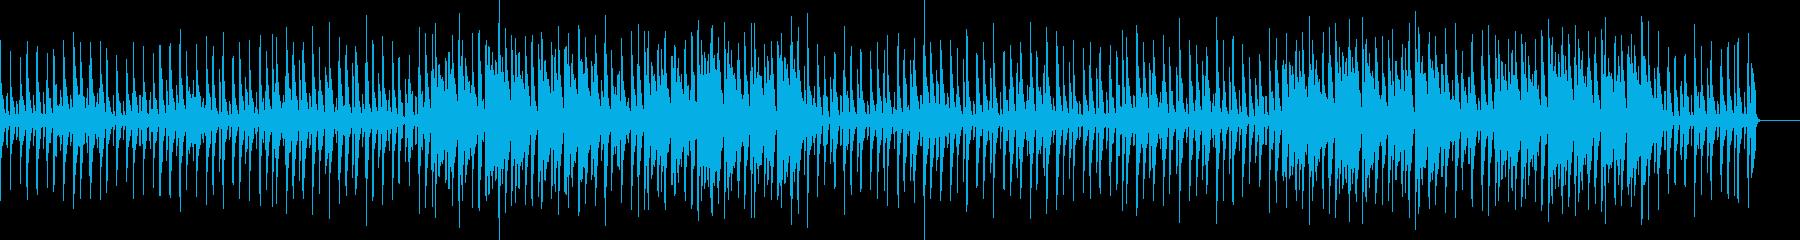 楽しい感じ アコギ・ピアノ・ベースの再生済みの波形